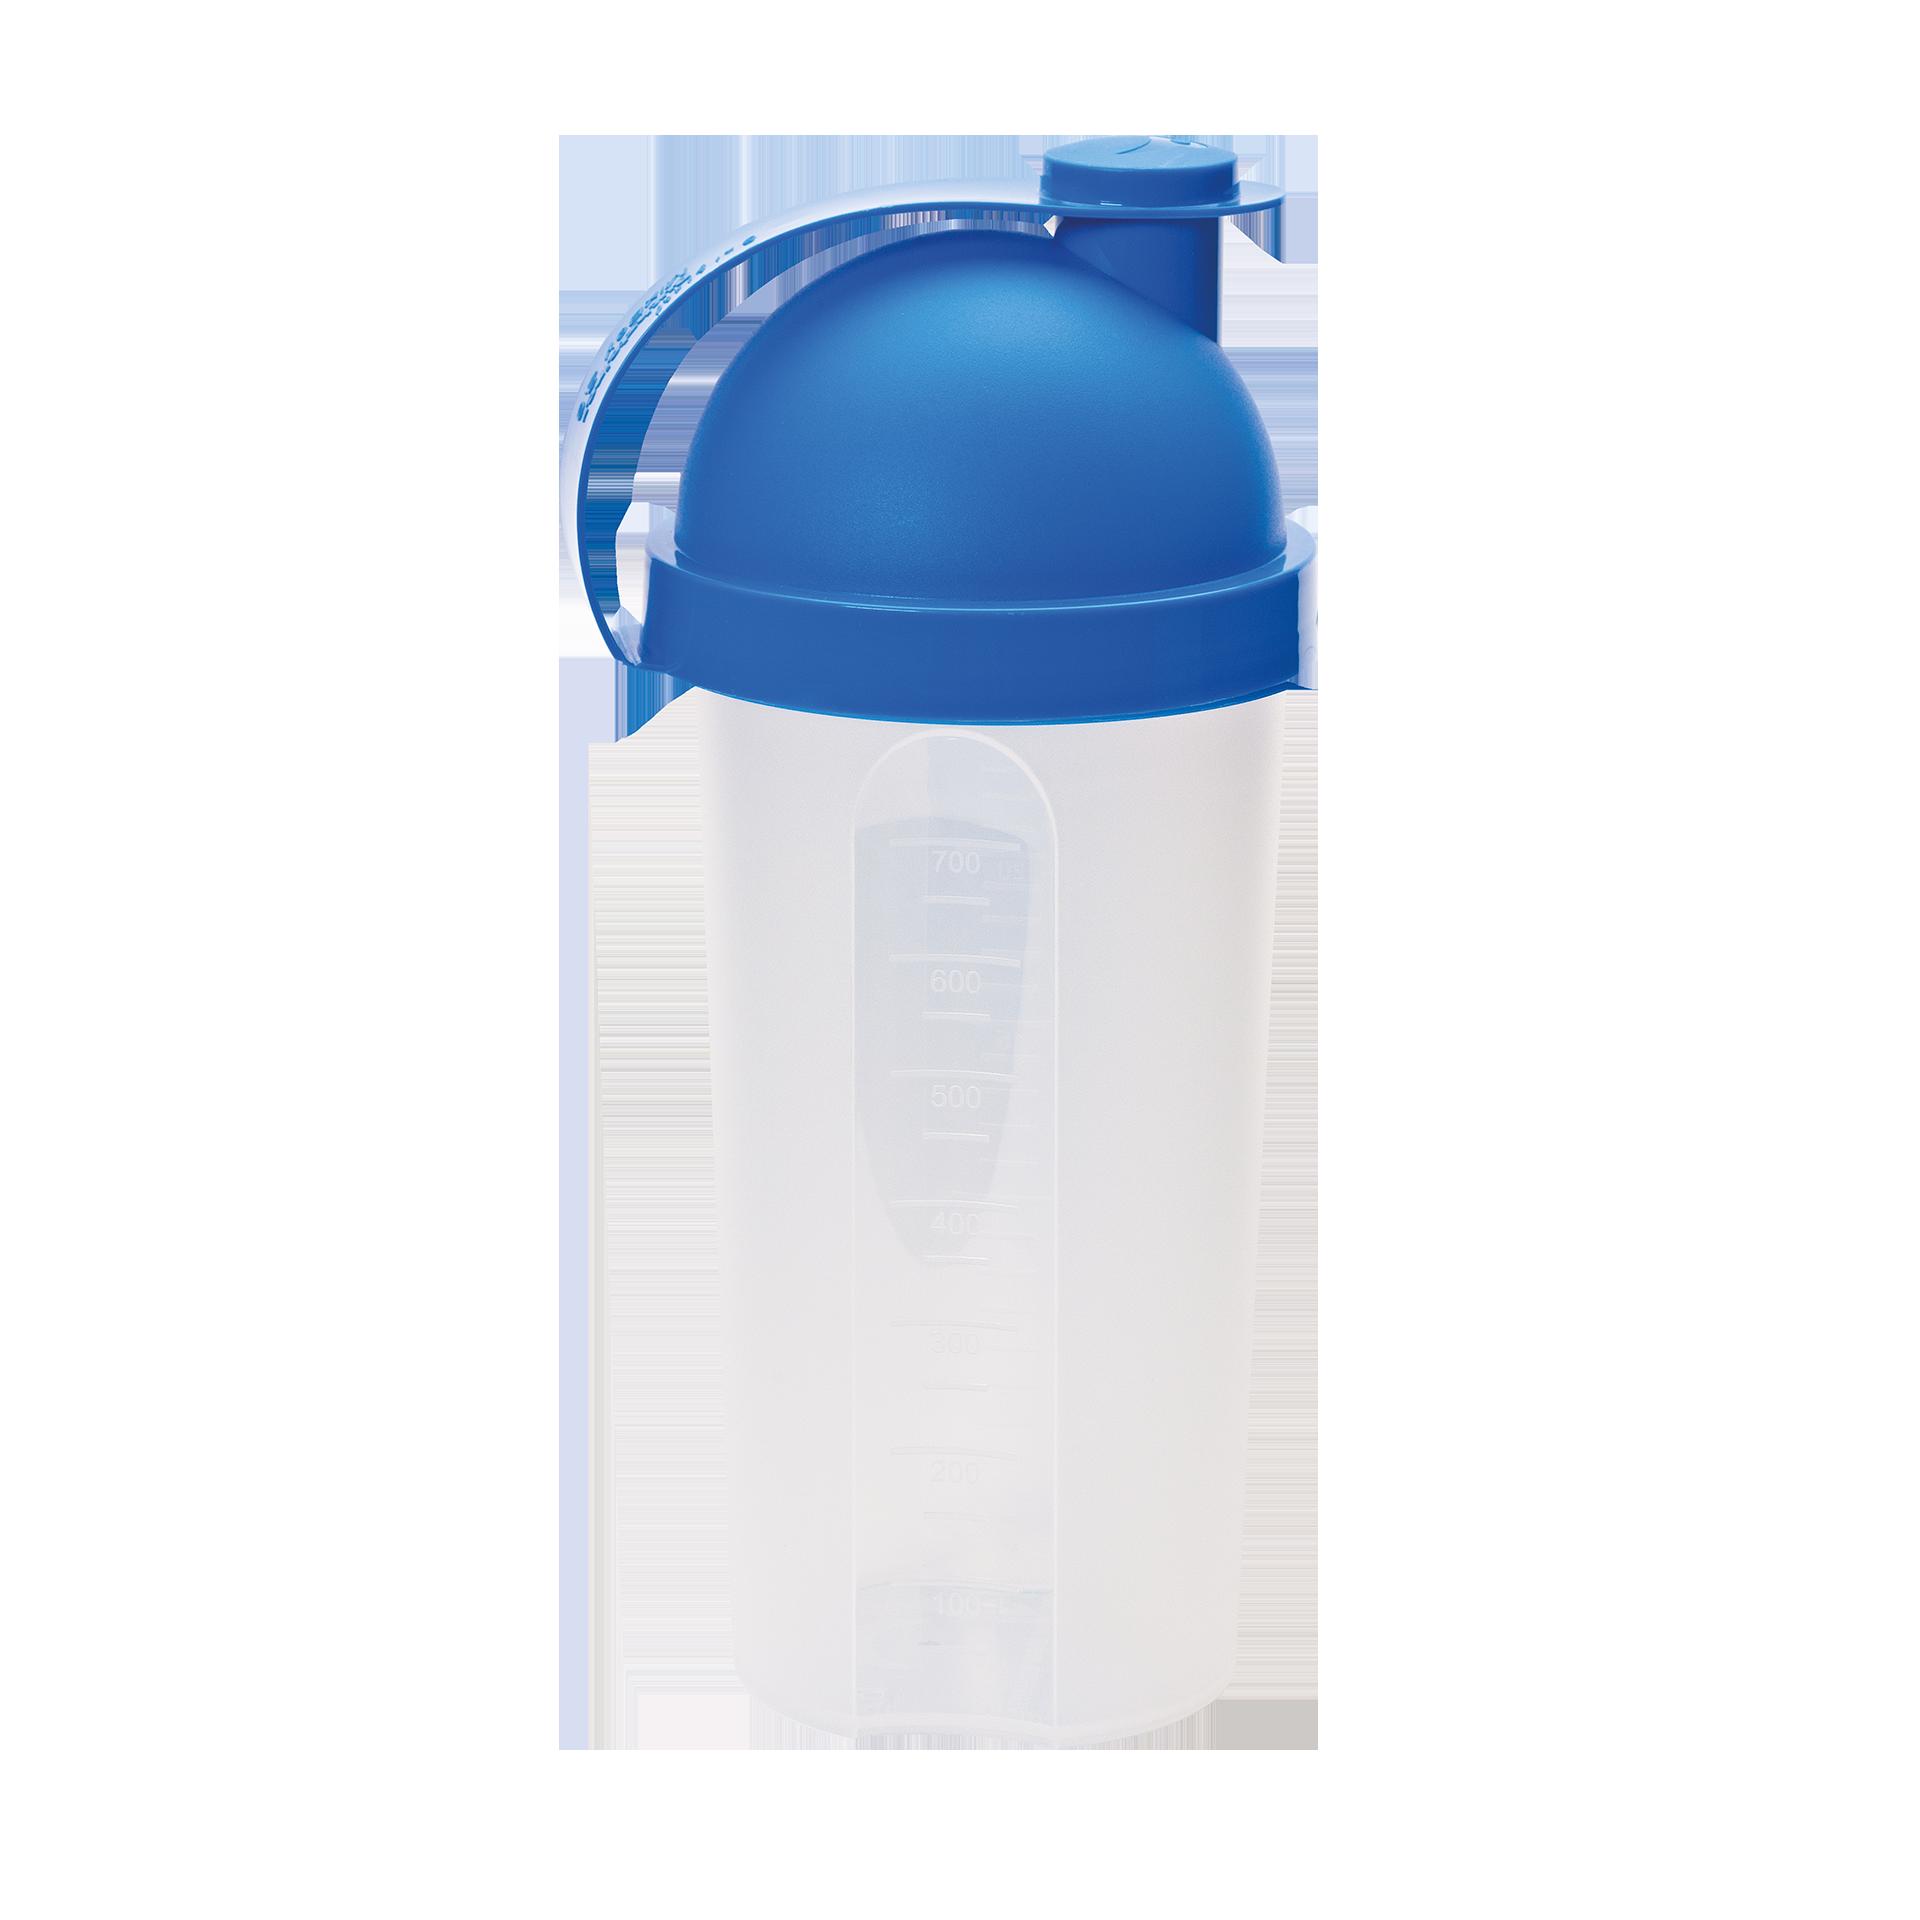 Shaker für Eiweißdrinks